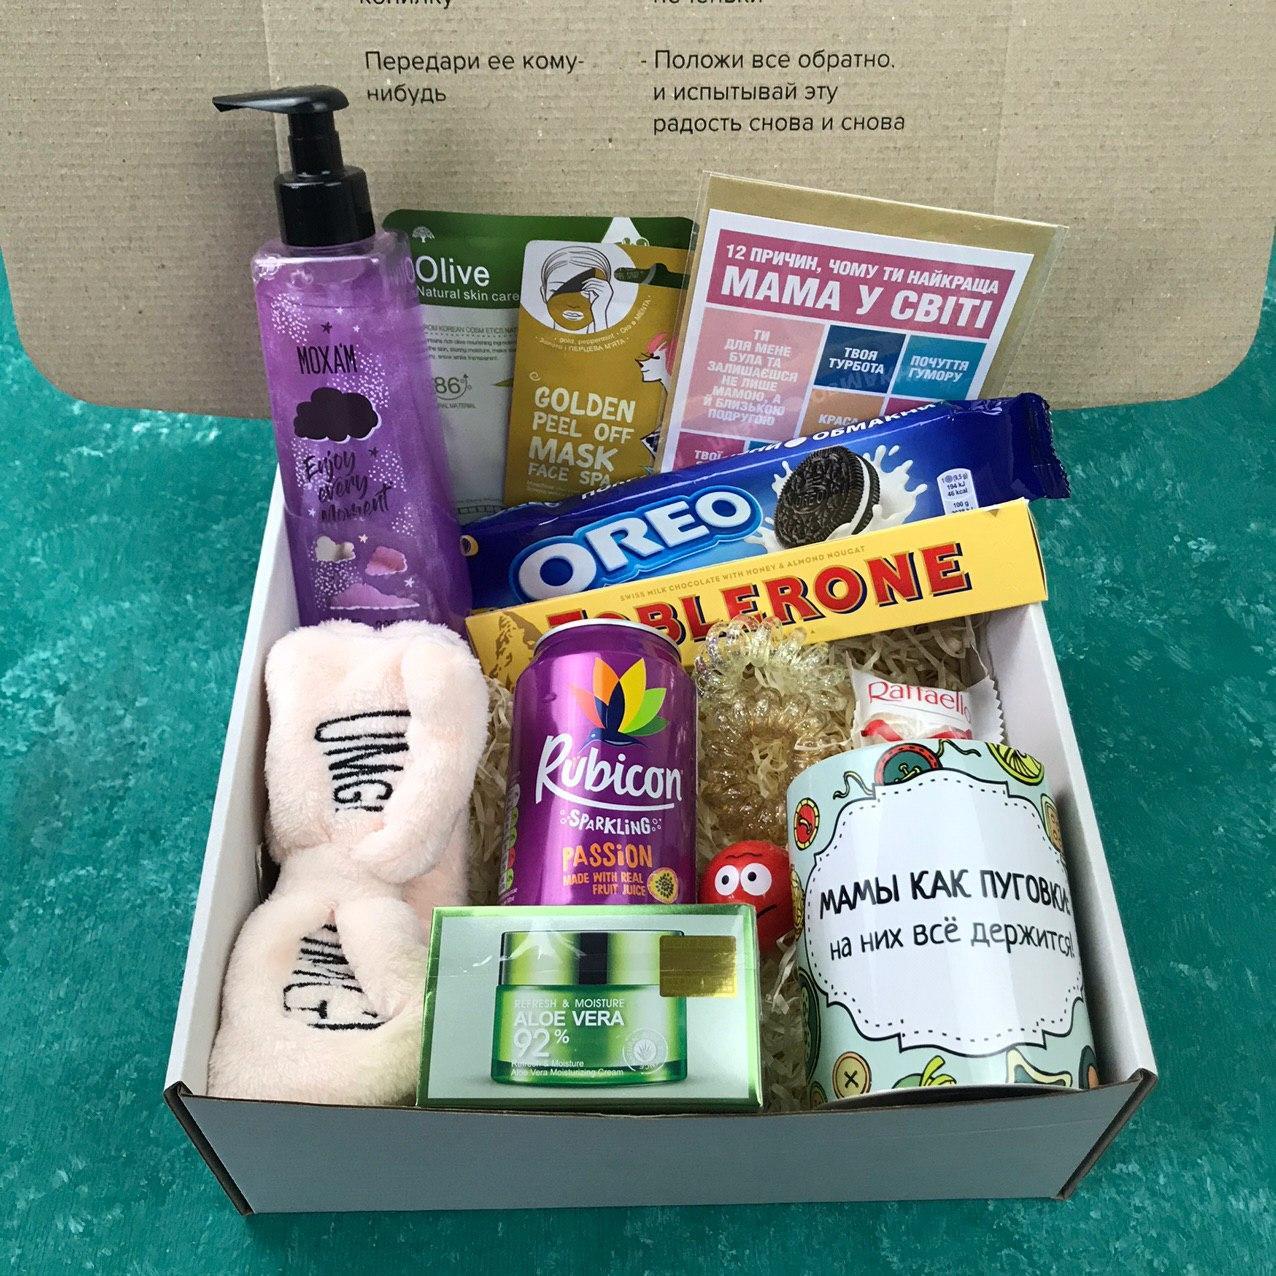 Подарочный Набор City-A Box Бокс для Женщины Мамы из 14 ед №2873